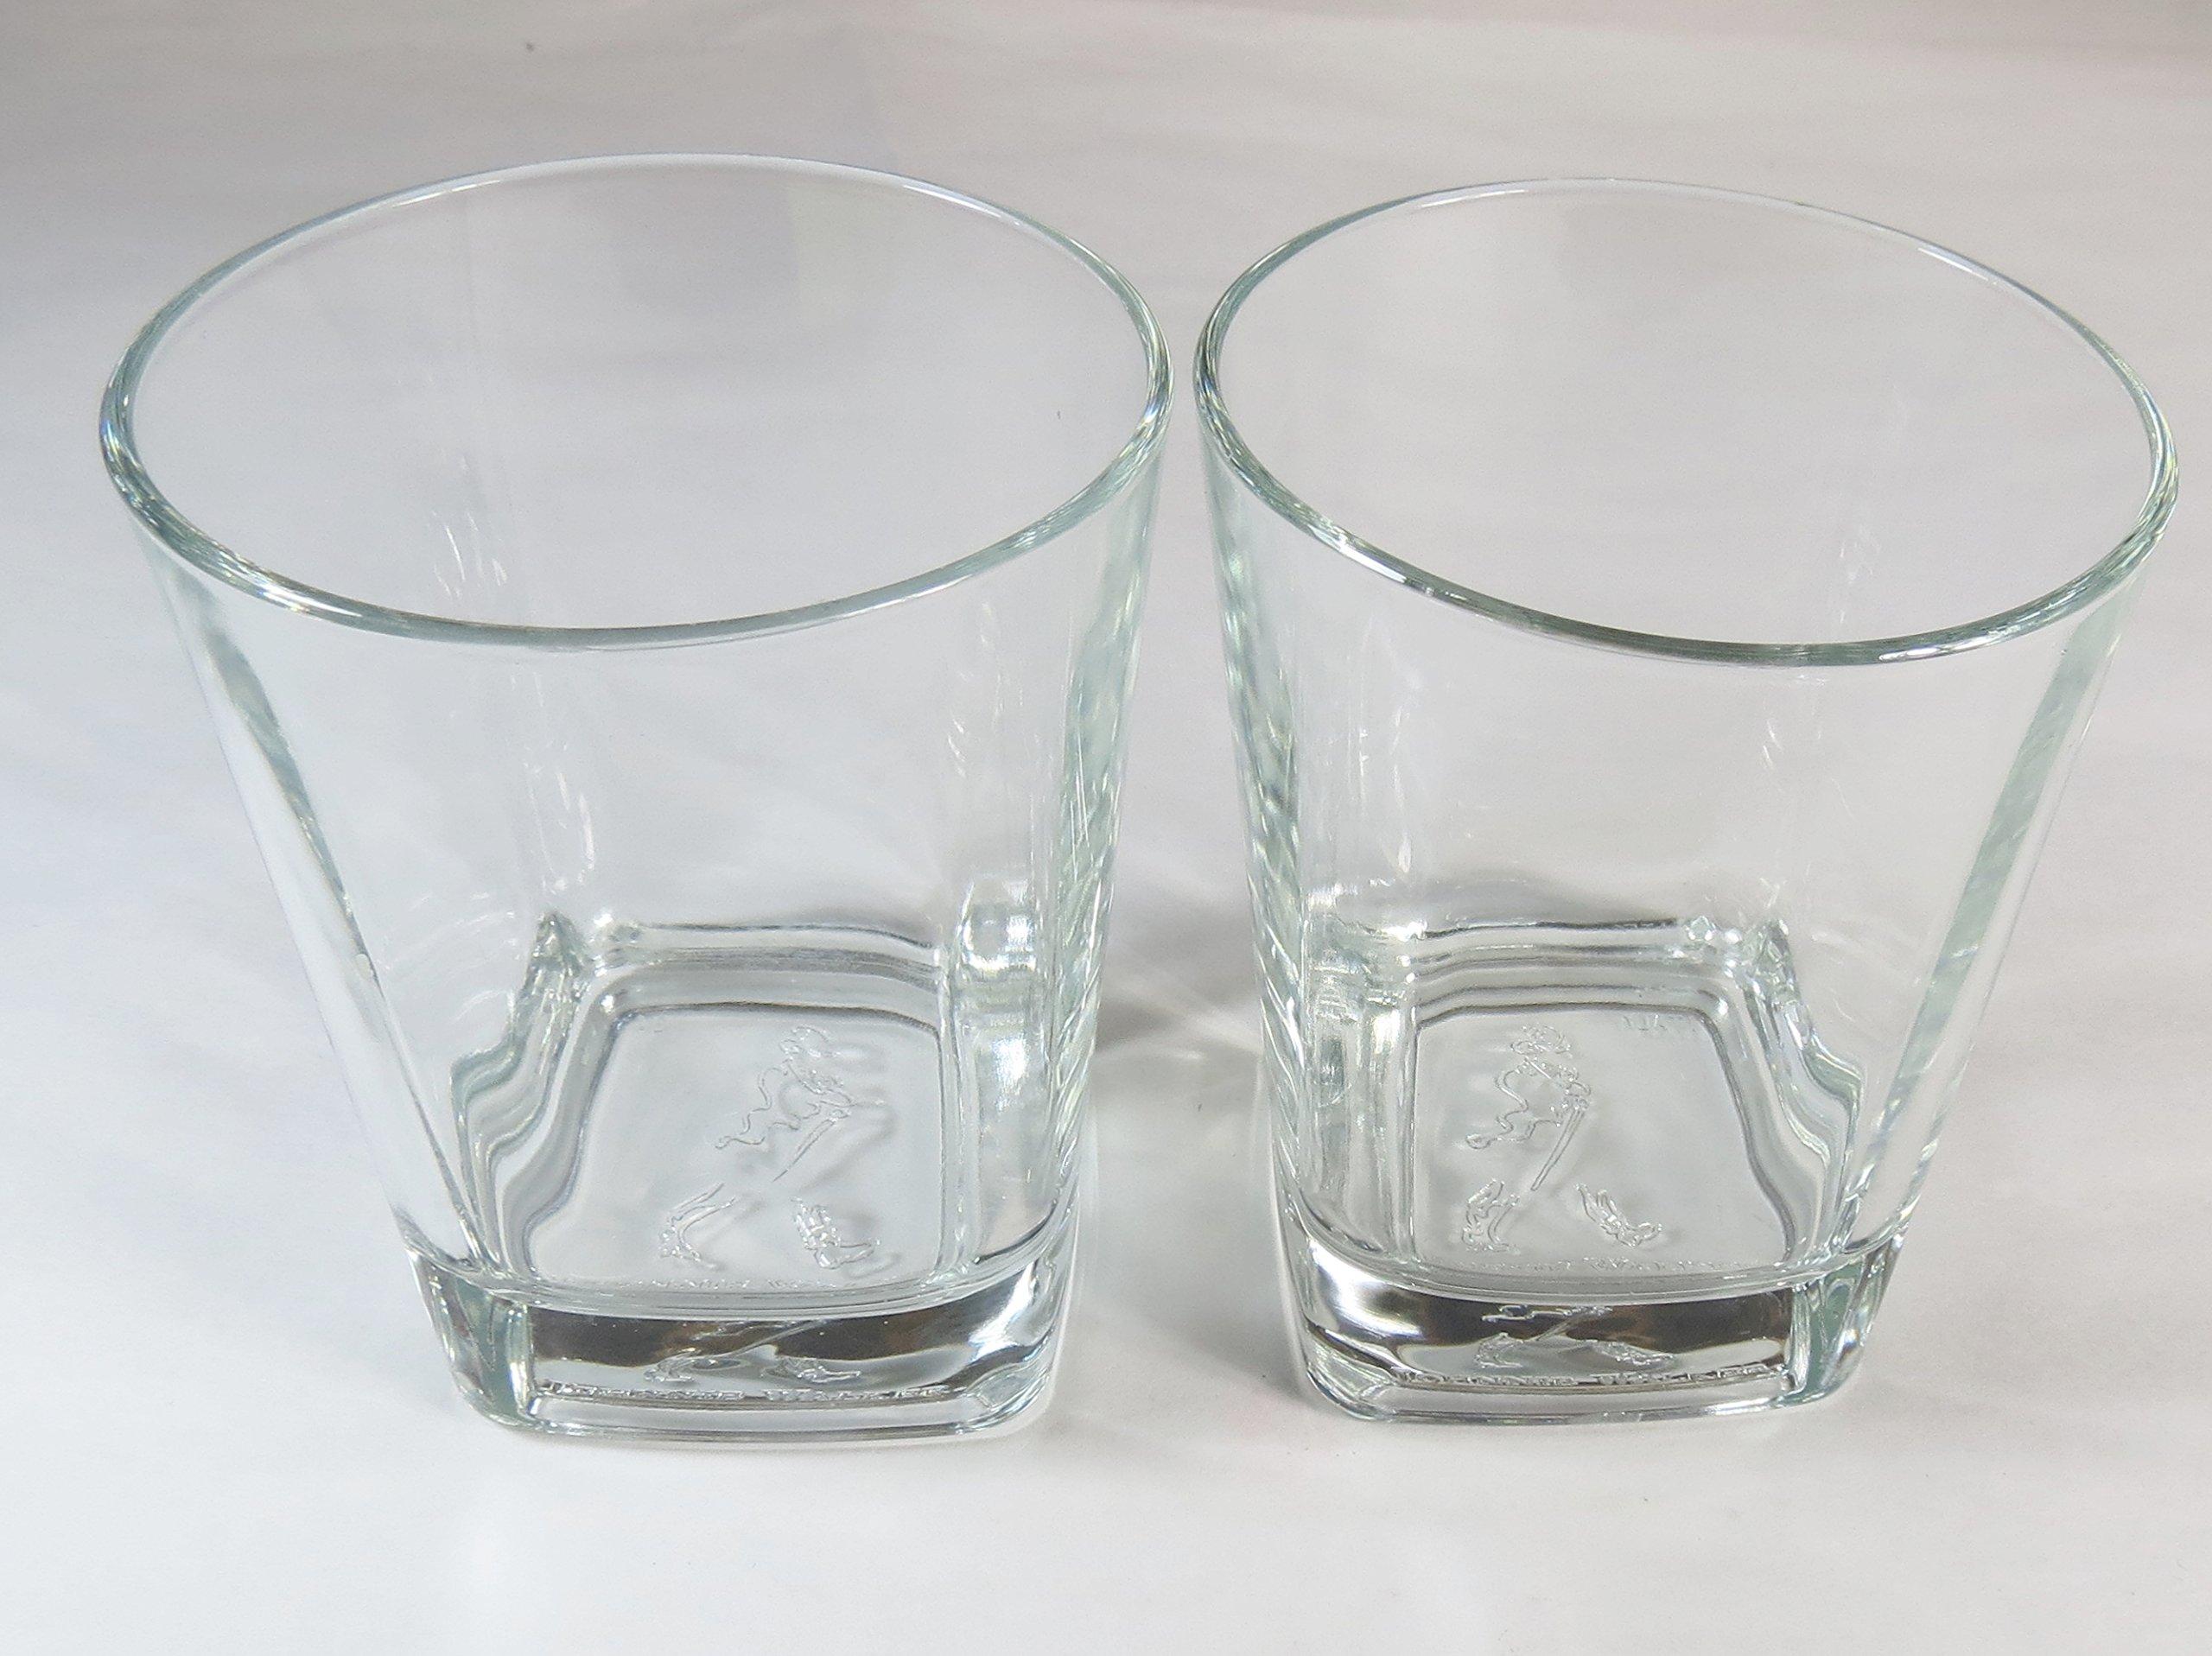 Johnnie Walker Black Label Collectable Logo Base Glasses - Set of 2